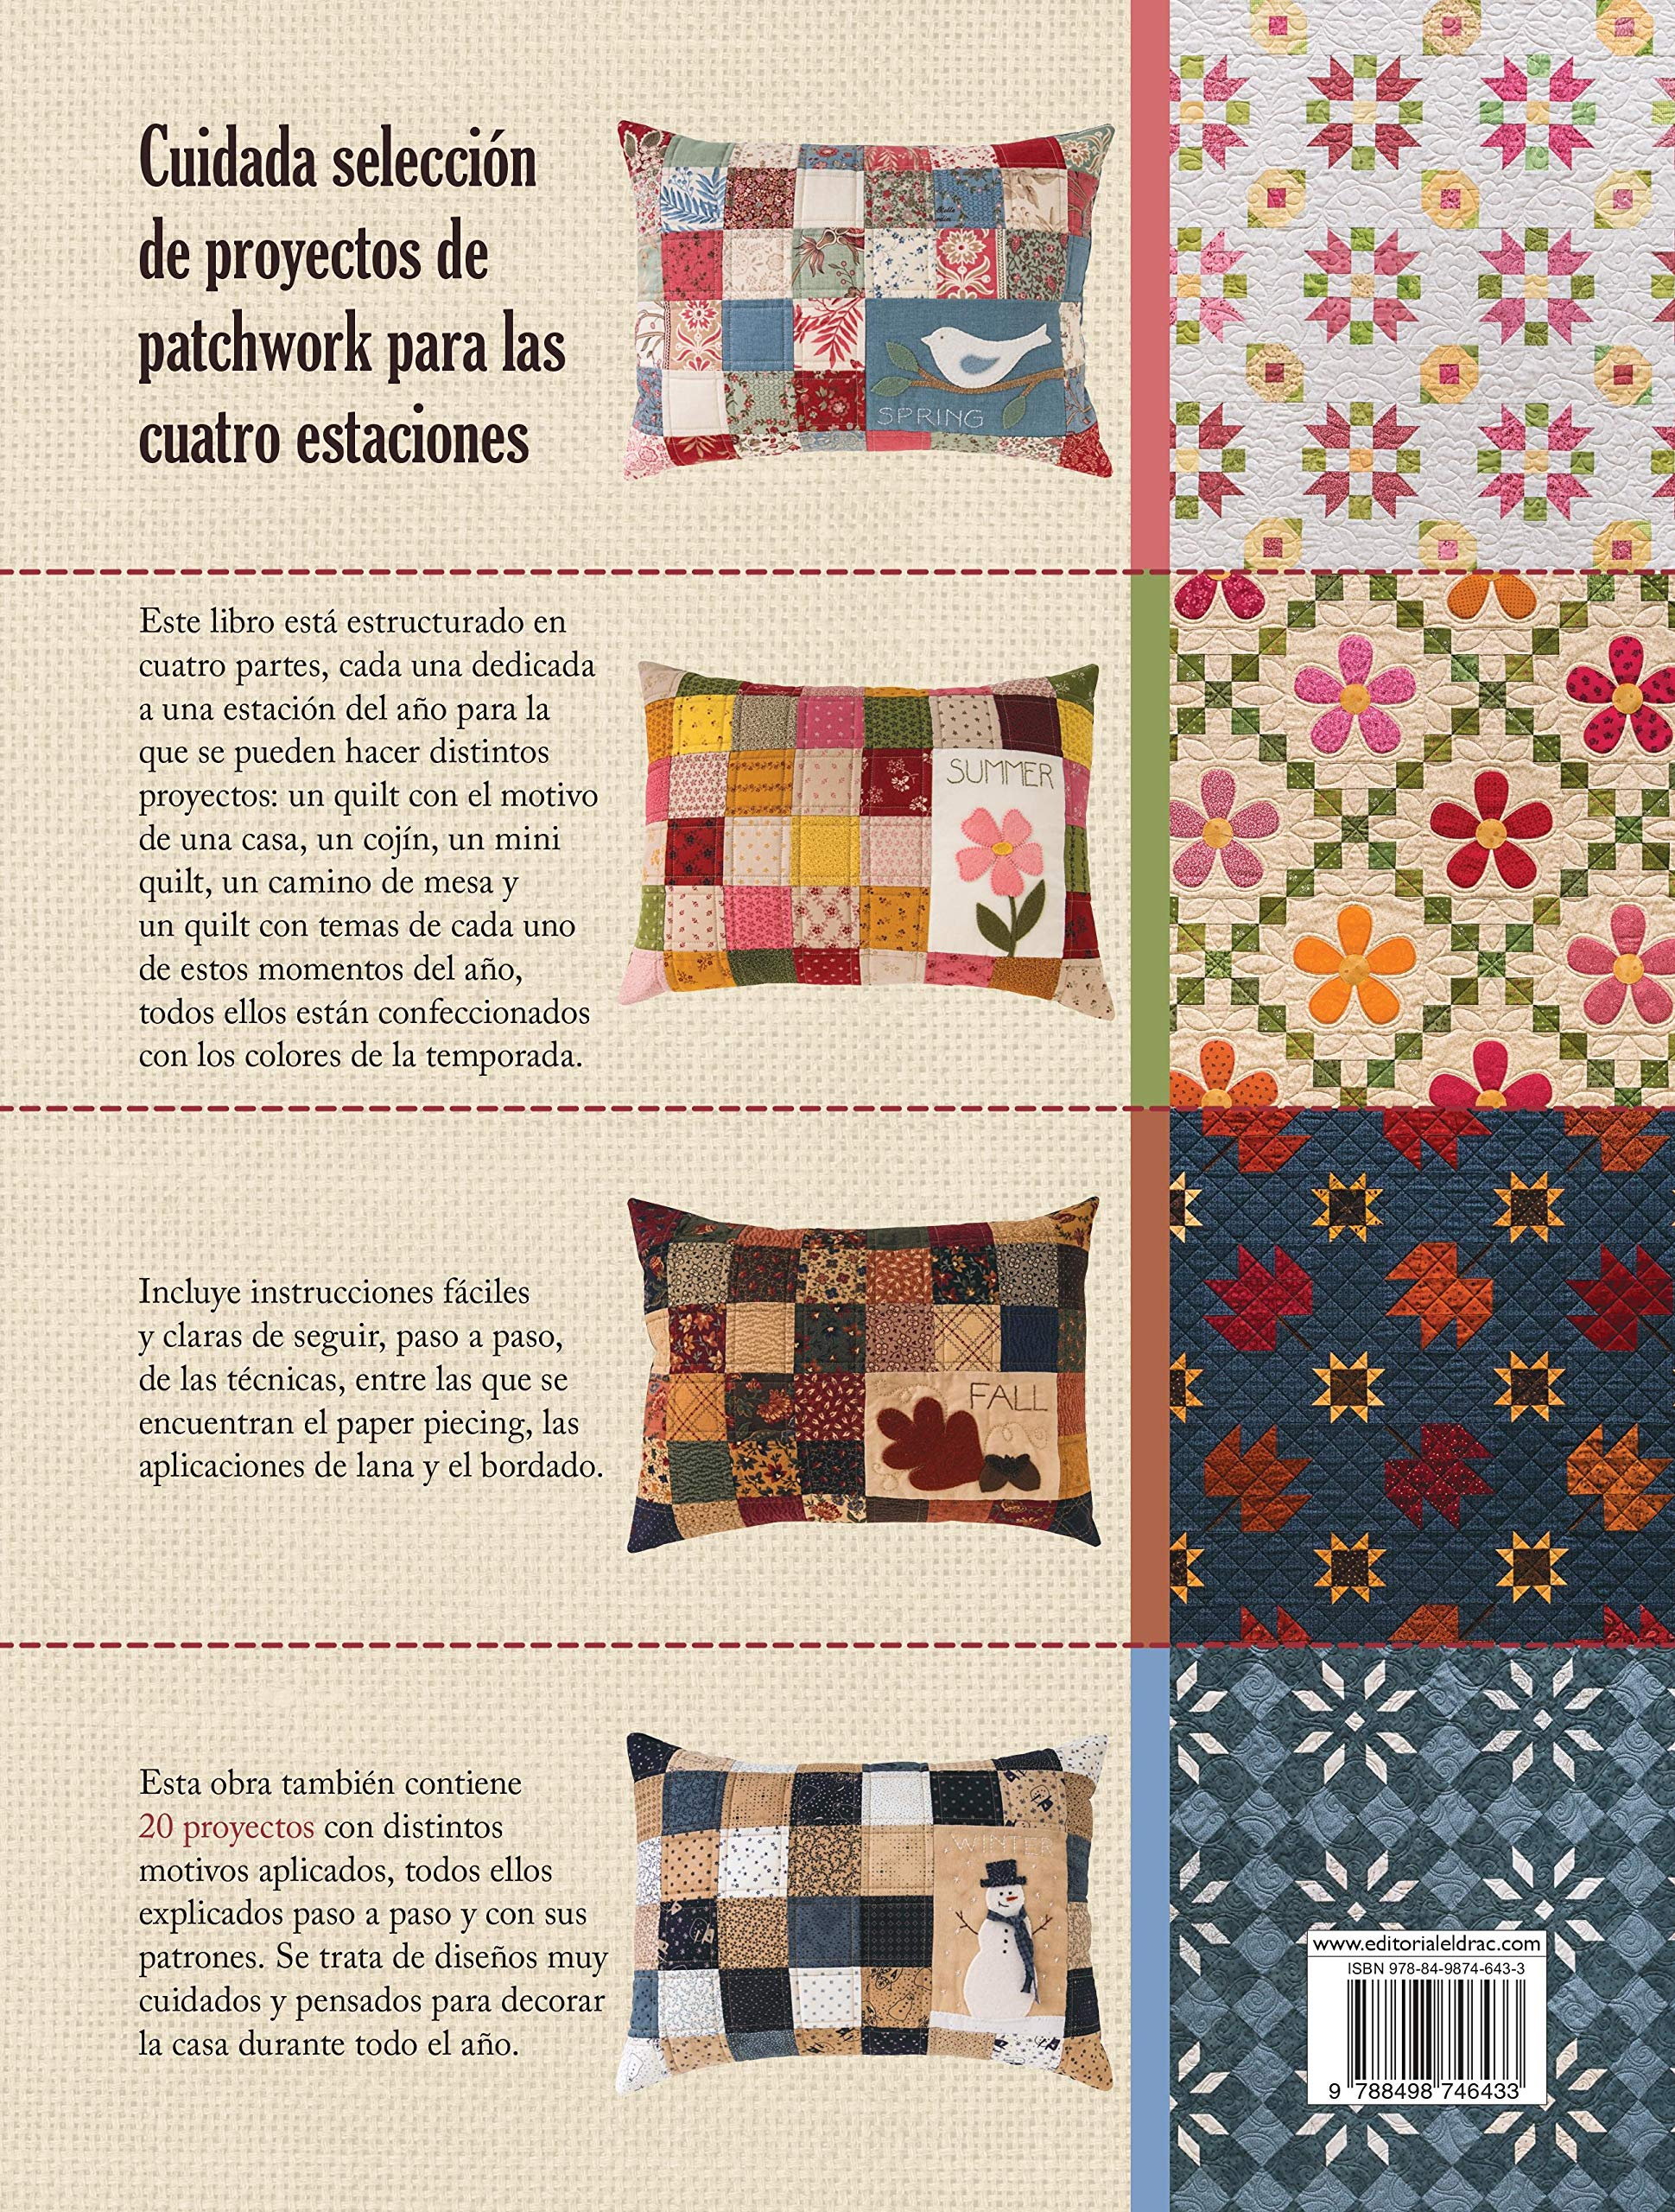 Labores De Patchwork Para Las Cuatro Estaciones: 20 ...